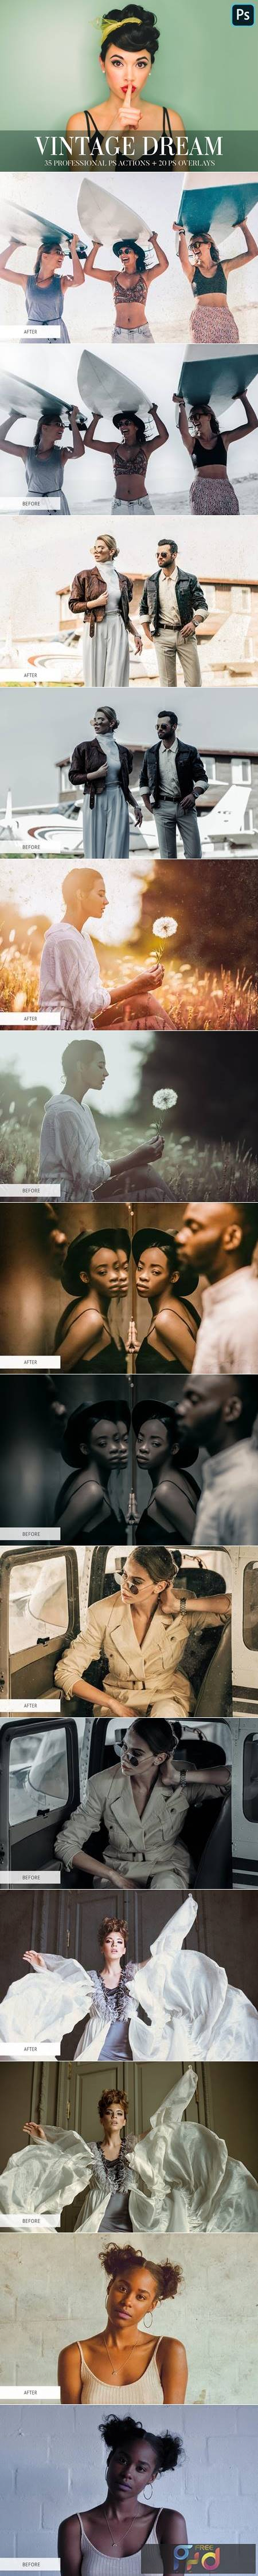 Photoshop Actions - Vintage Dream 4844982 1